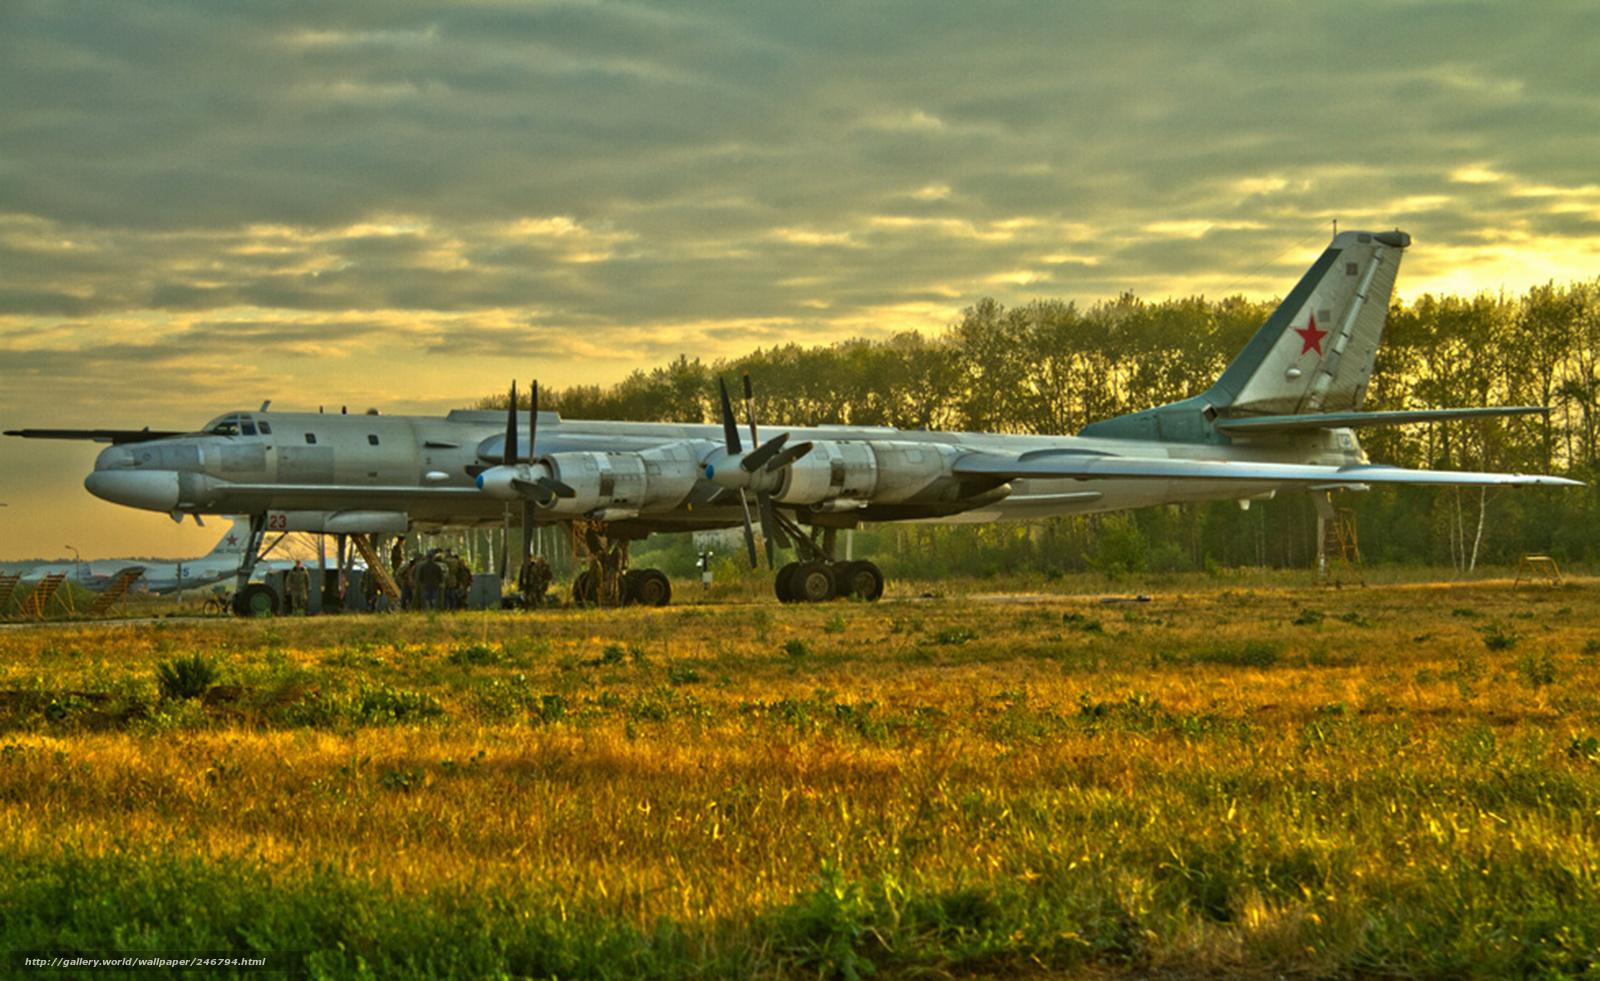 Tu 95 (航空機)の画像 p1_32